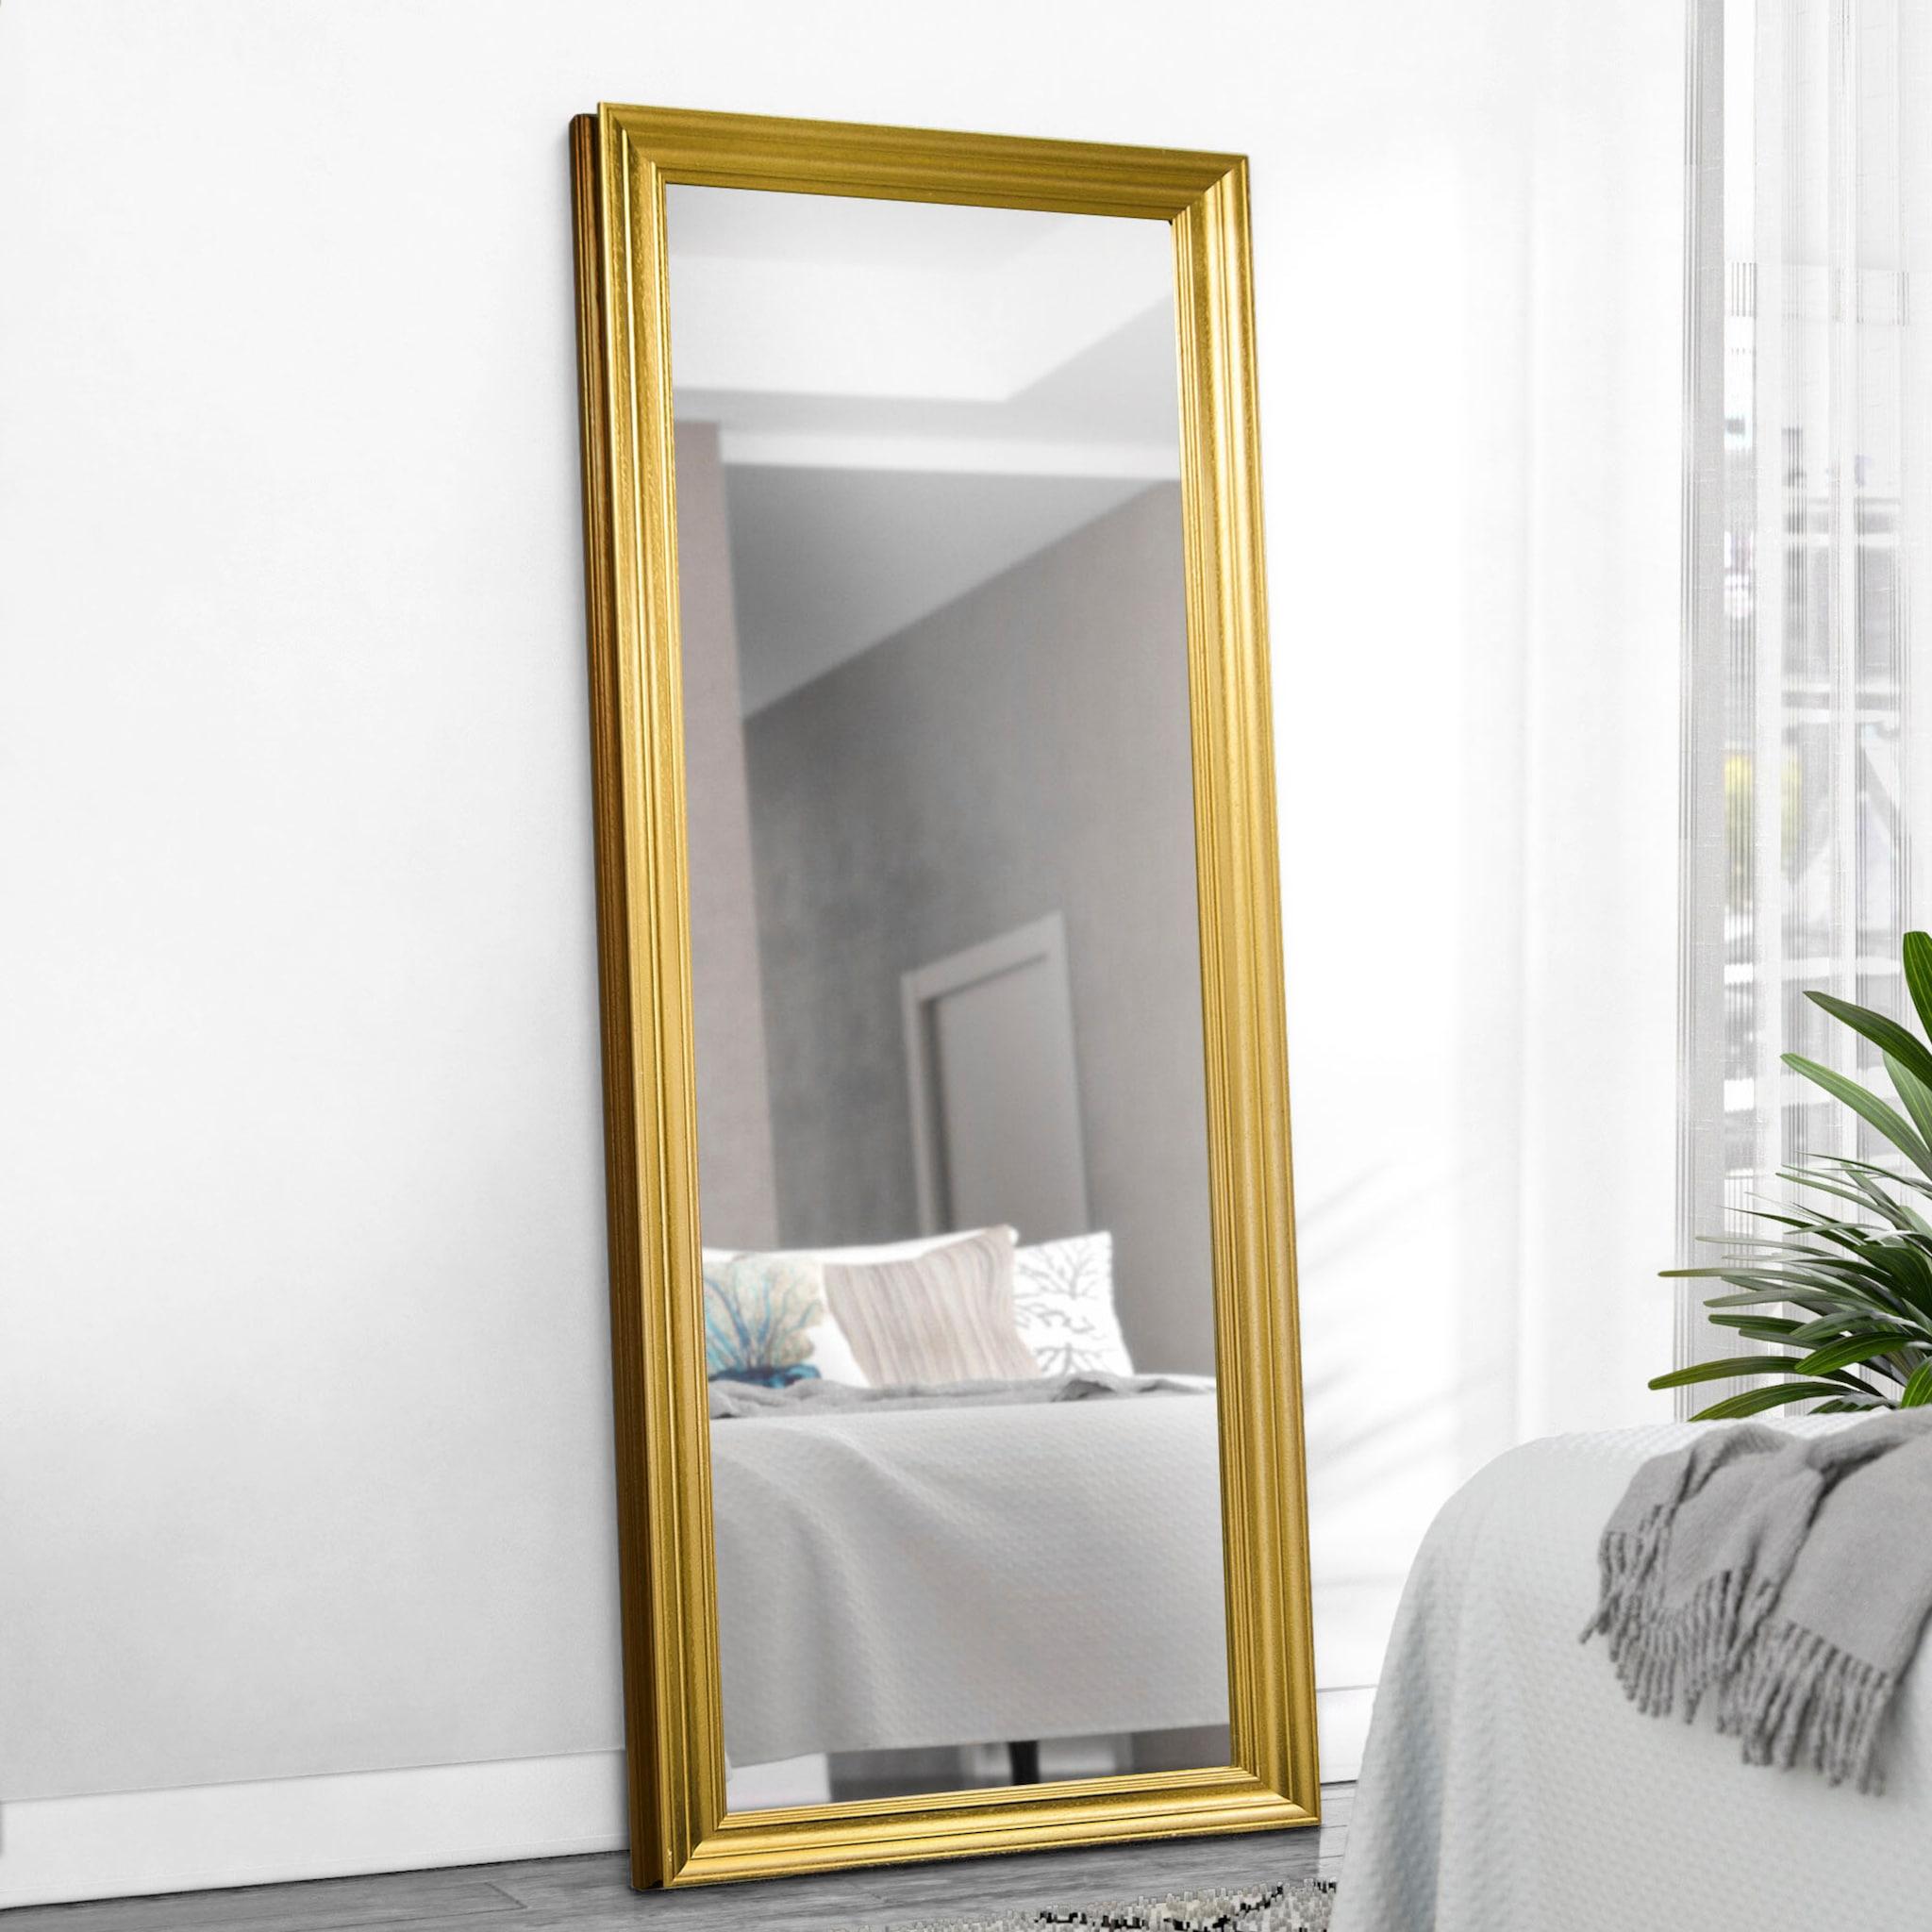 Goldener Standspiegel an die Wand gelehnt